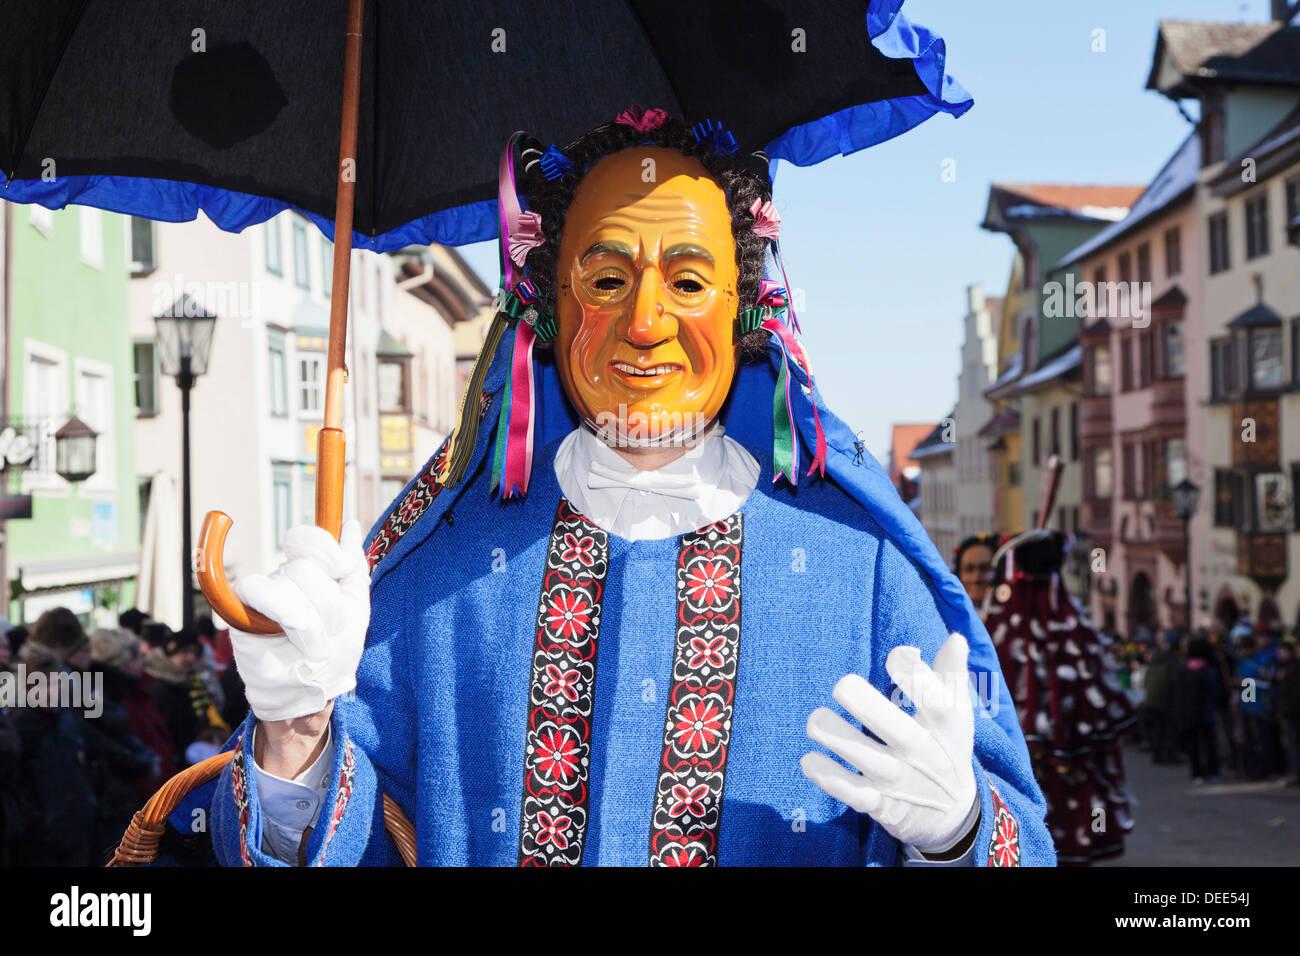 Hombre con traje tradicional (Schantle), Narrensprung, Rottweiler Fasnet, Rottweil, Selva Negra, Baden Wurttemberg, Alemania Imagen De Stock